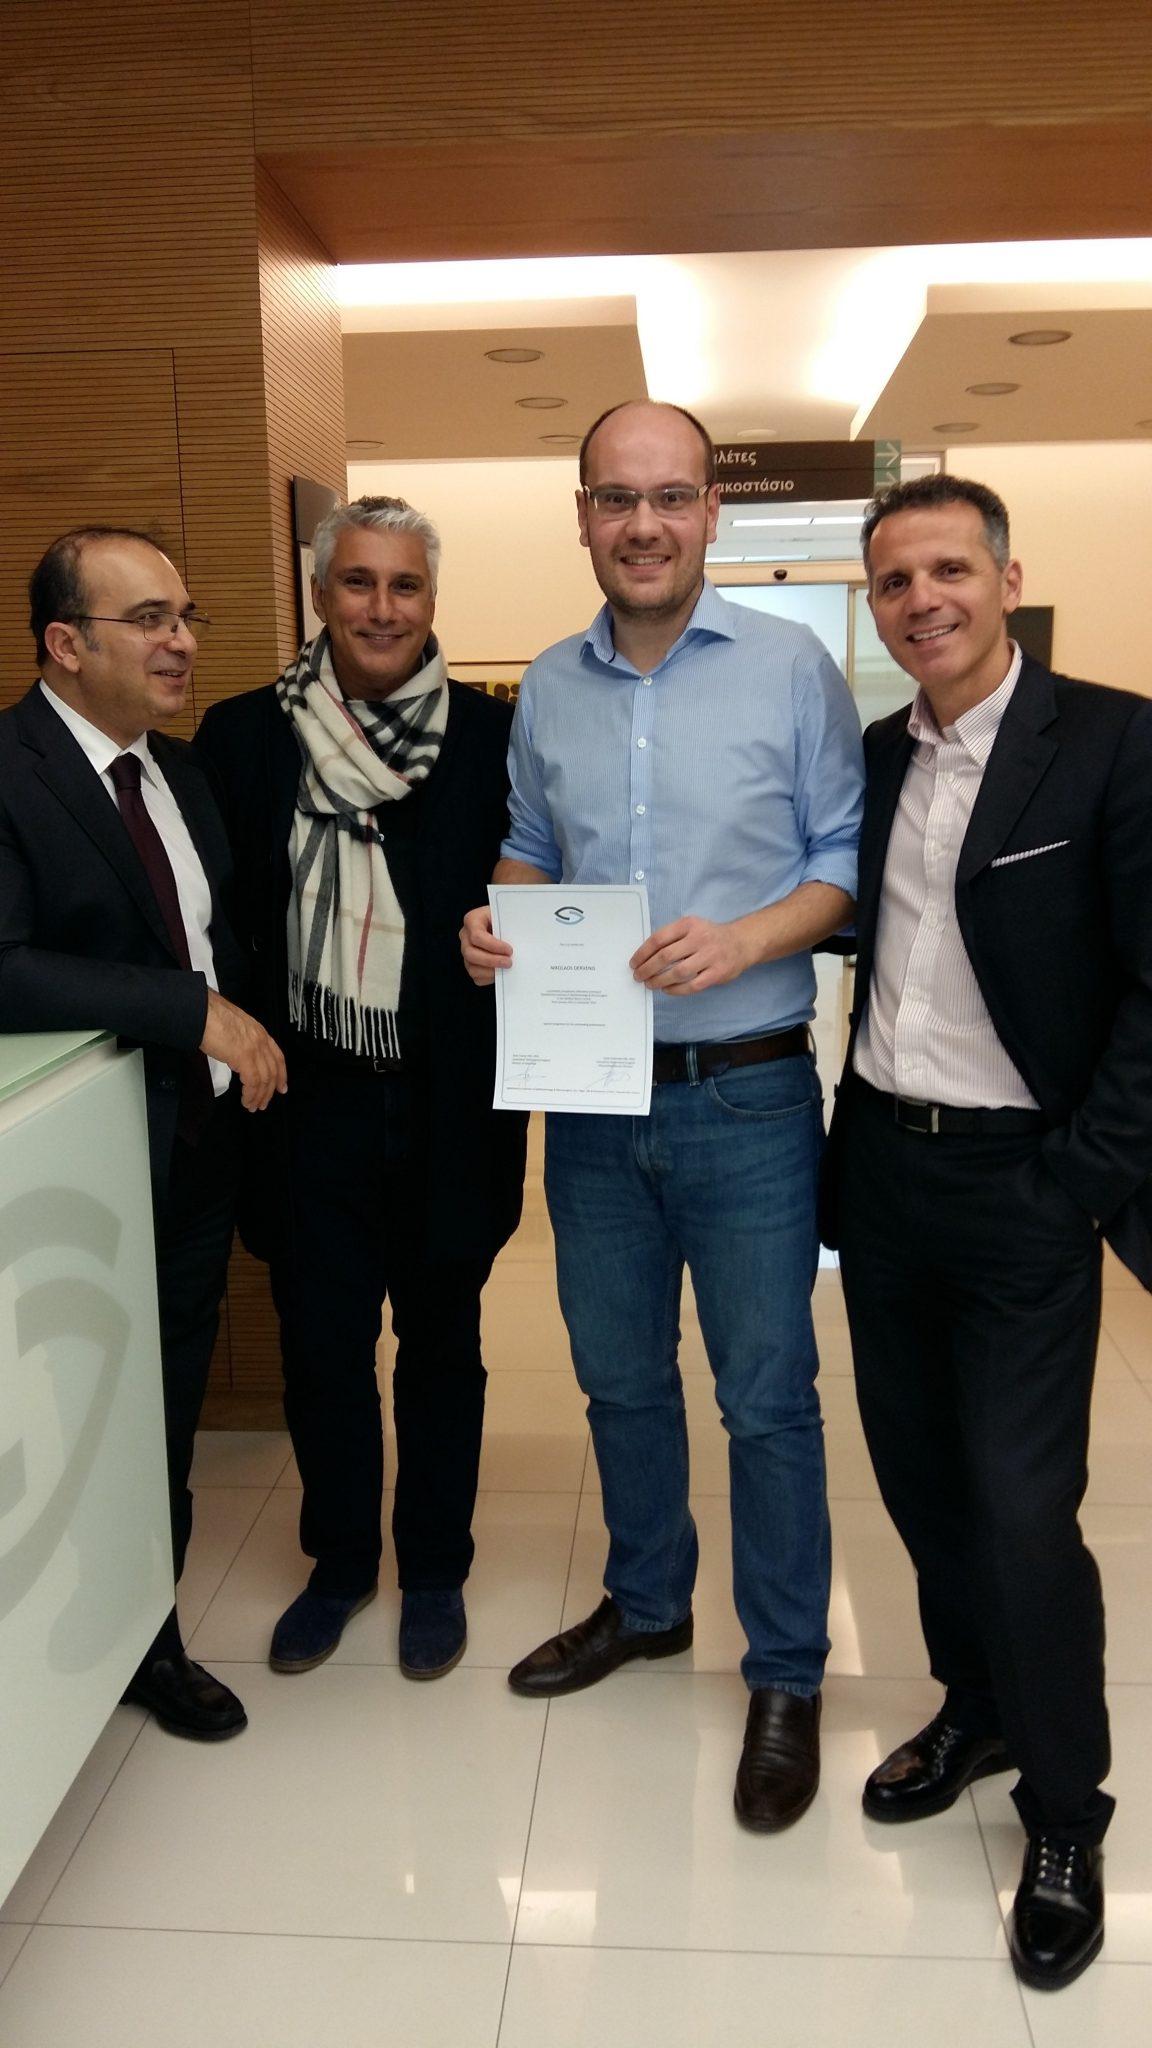 dervenis fellowship certificate2